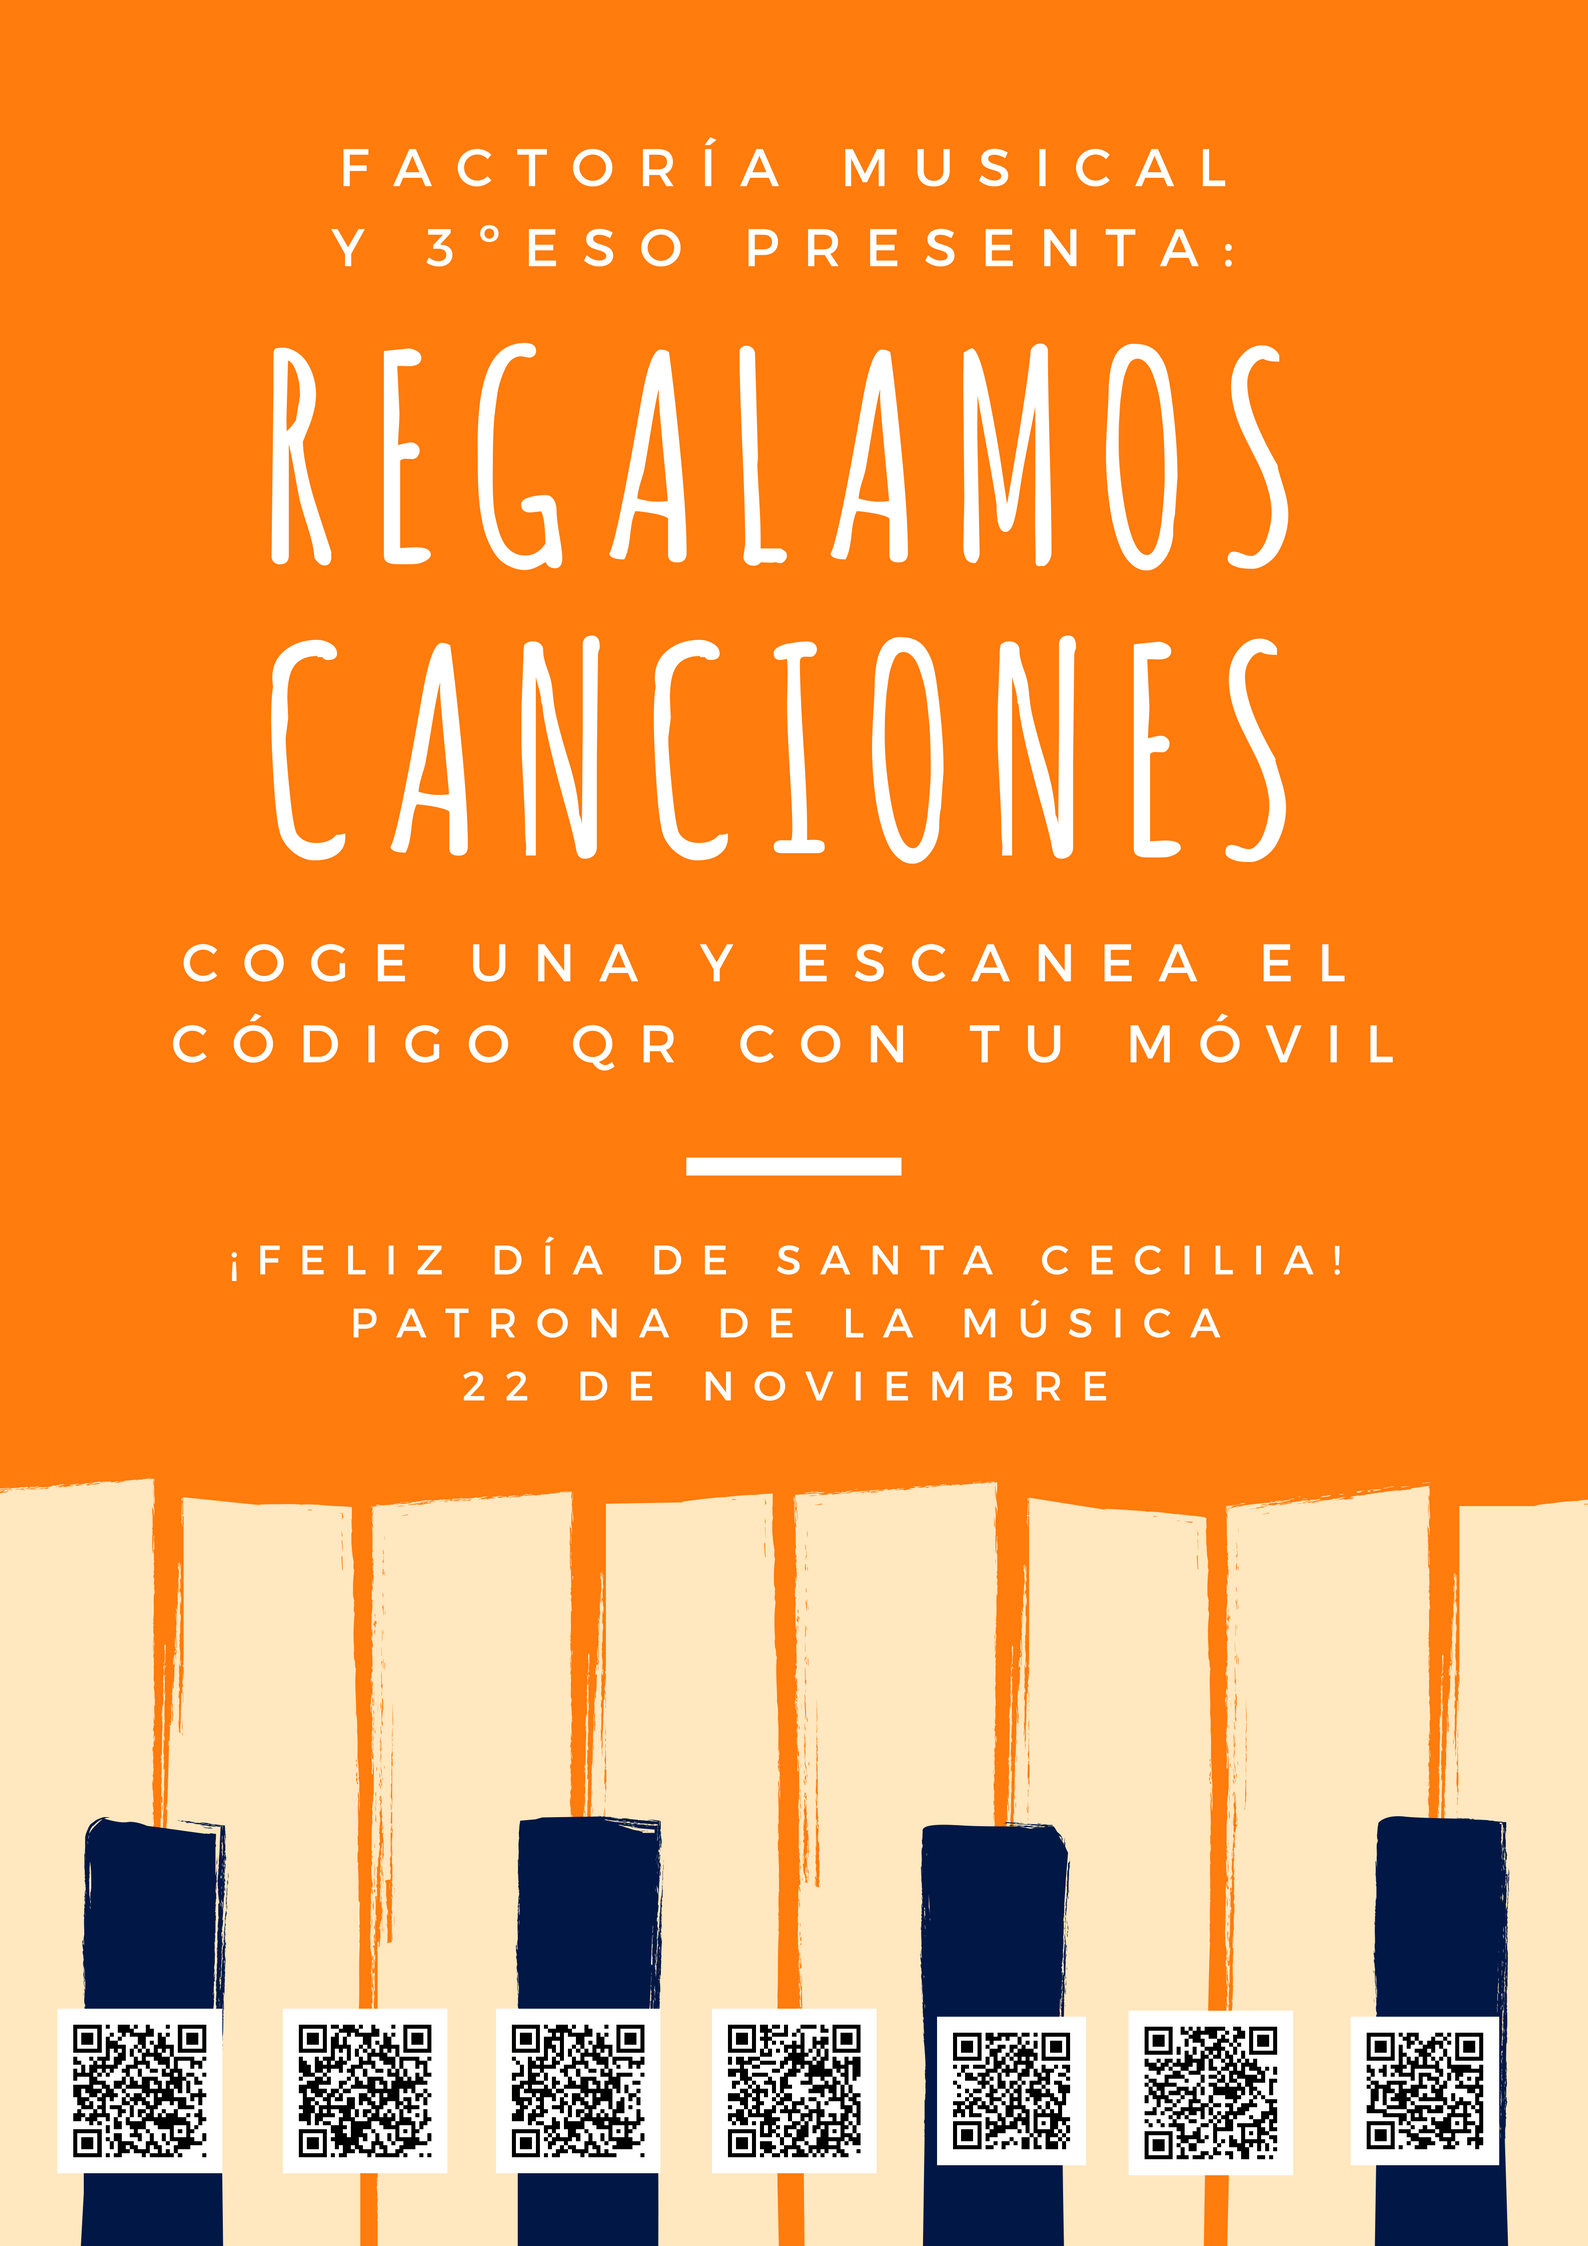 FACTORÍaMusical (9)